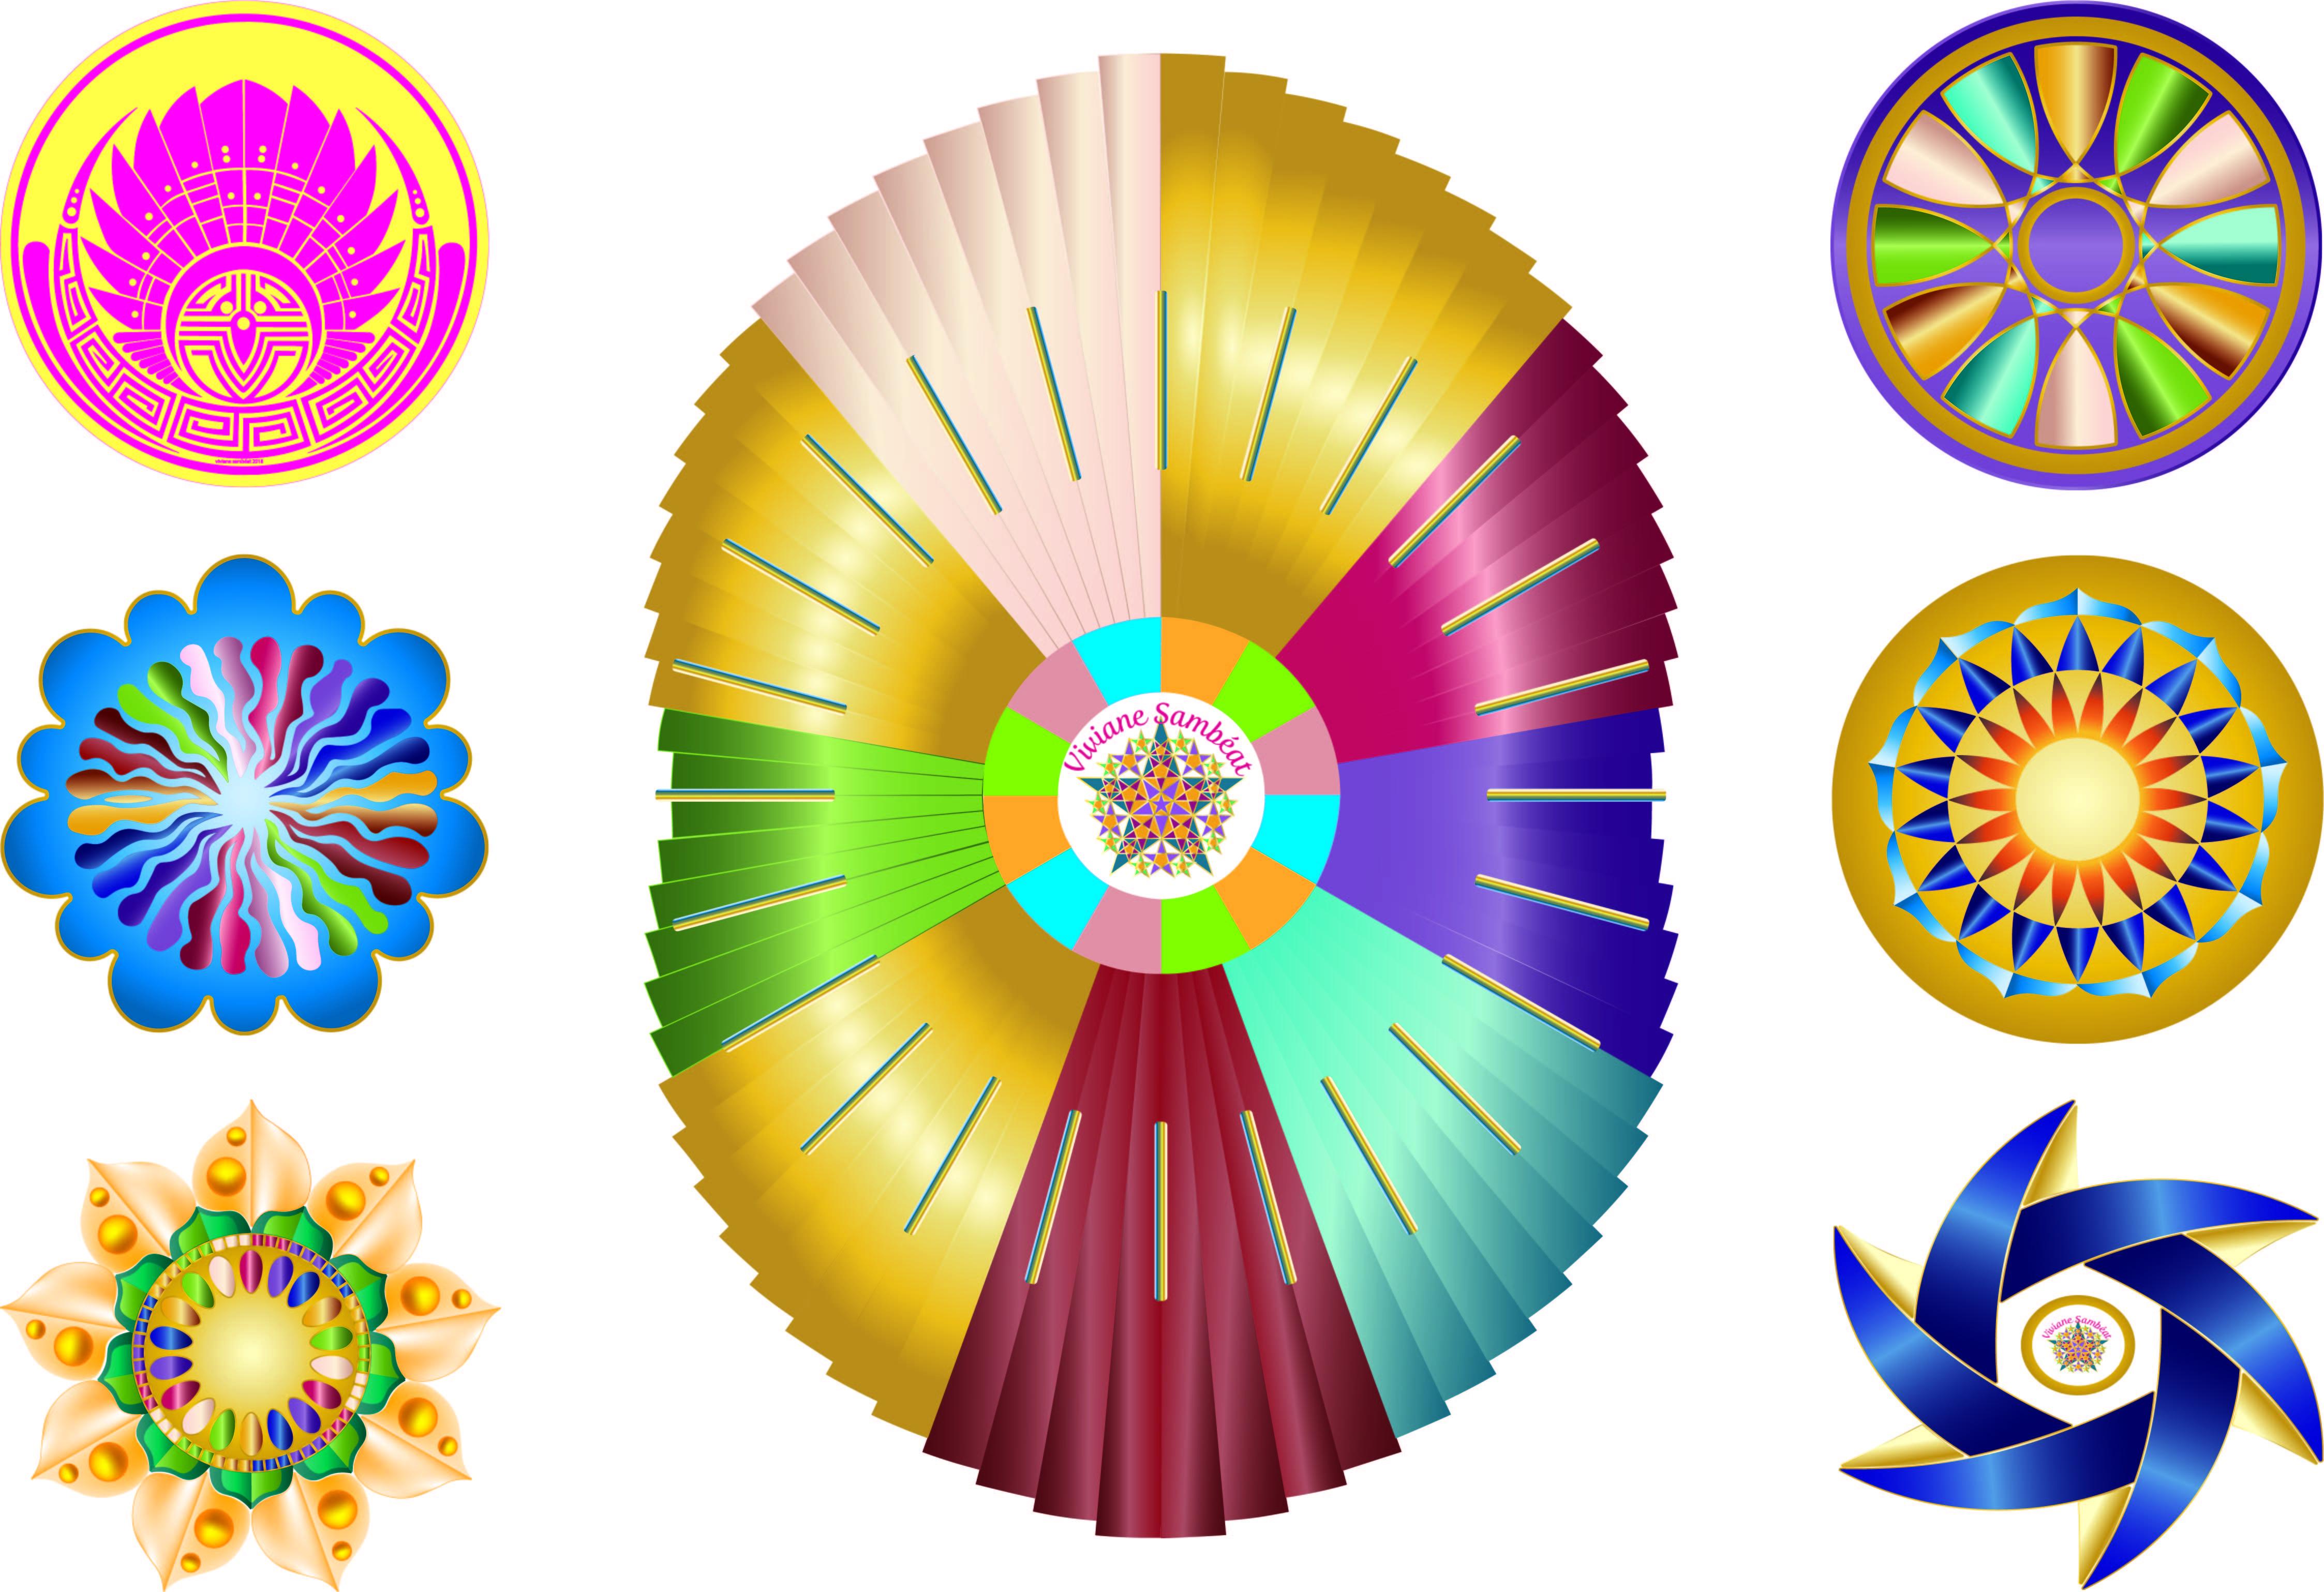 MARCHES DES ARTS Horloge Anges Crop Mandala